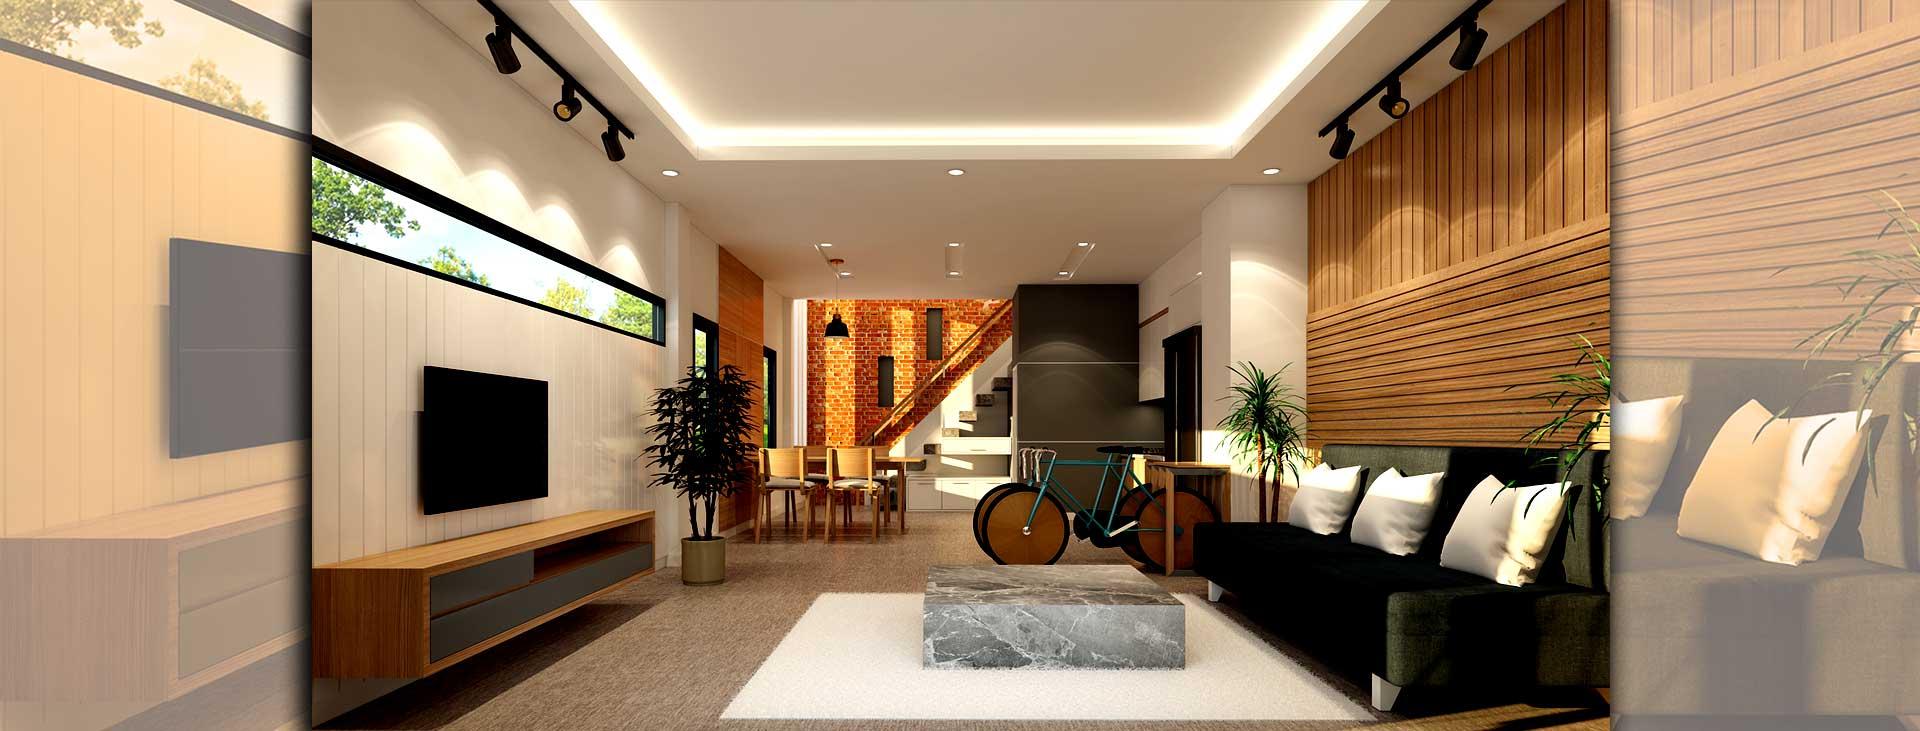 Interior decoration 2 - چگونه طراحی دکوراسیون شیک تری داشته باشیم